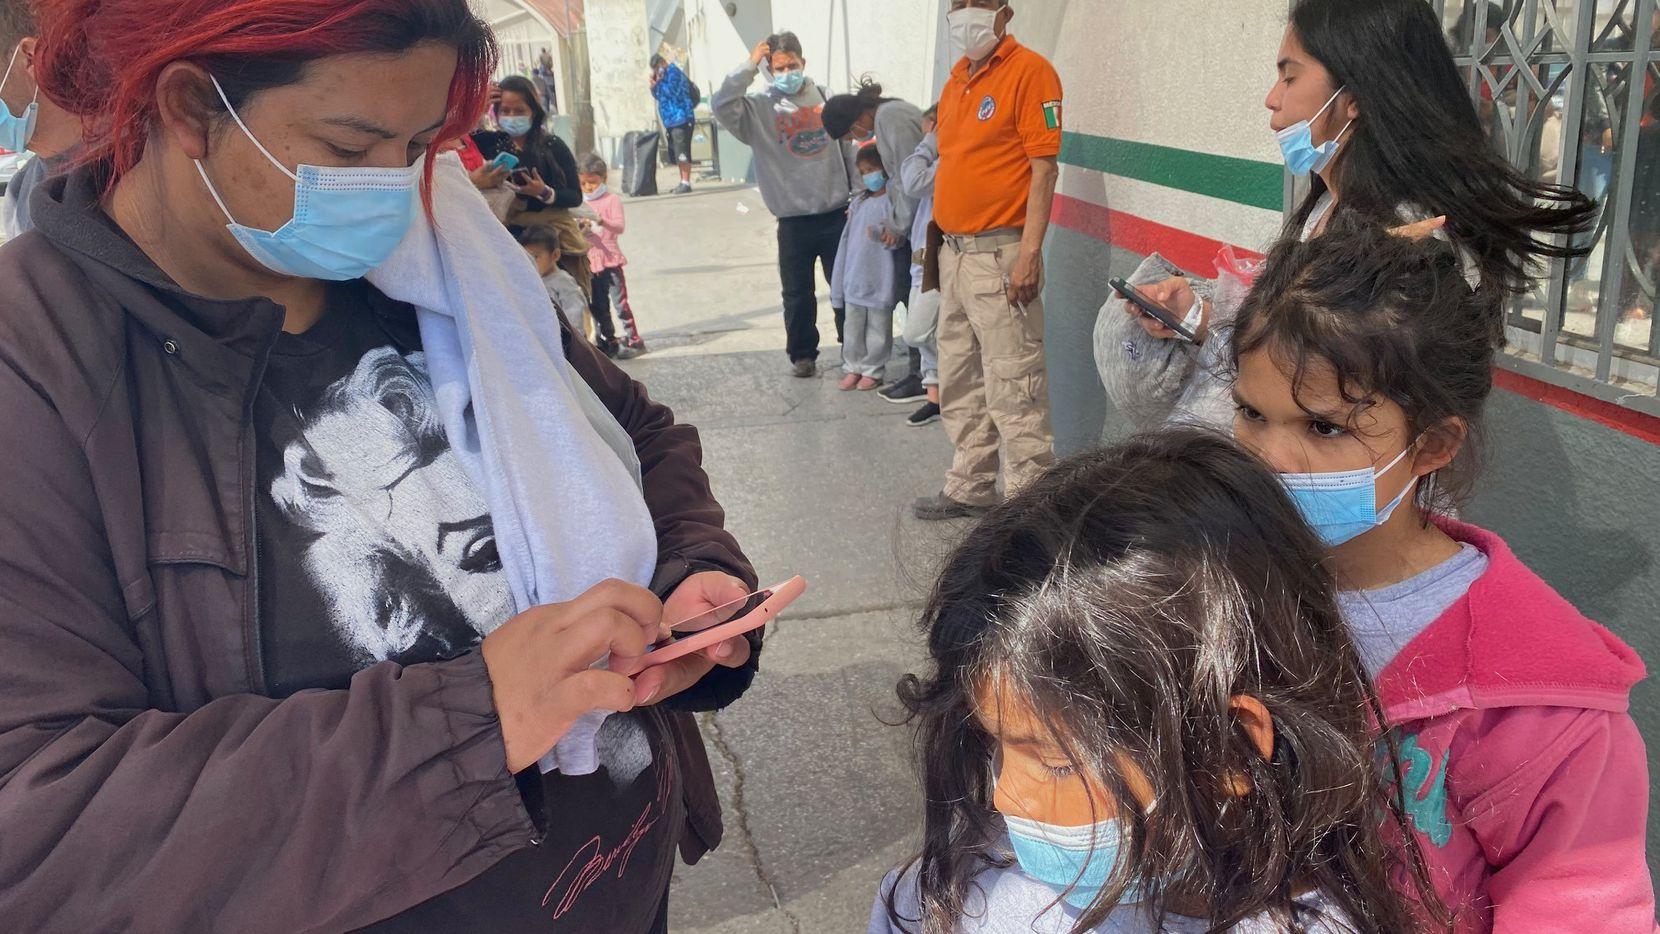 Familias que fueron detenidas por autoridades migratorias en el Sur de Texas y luego enviados a El Paso para ser deportadas a México, intentan llamar a uno de los coyotes que les ayudó a llegar a la frontera con Estados Unidos.